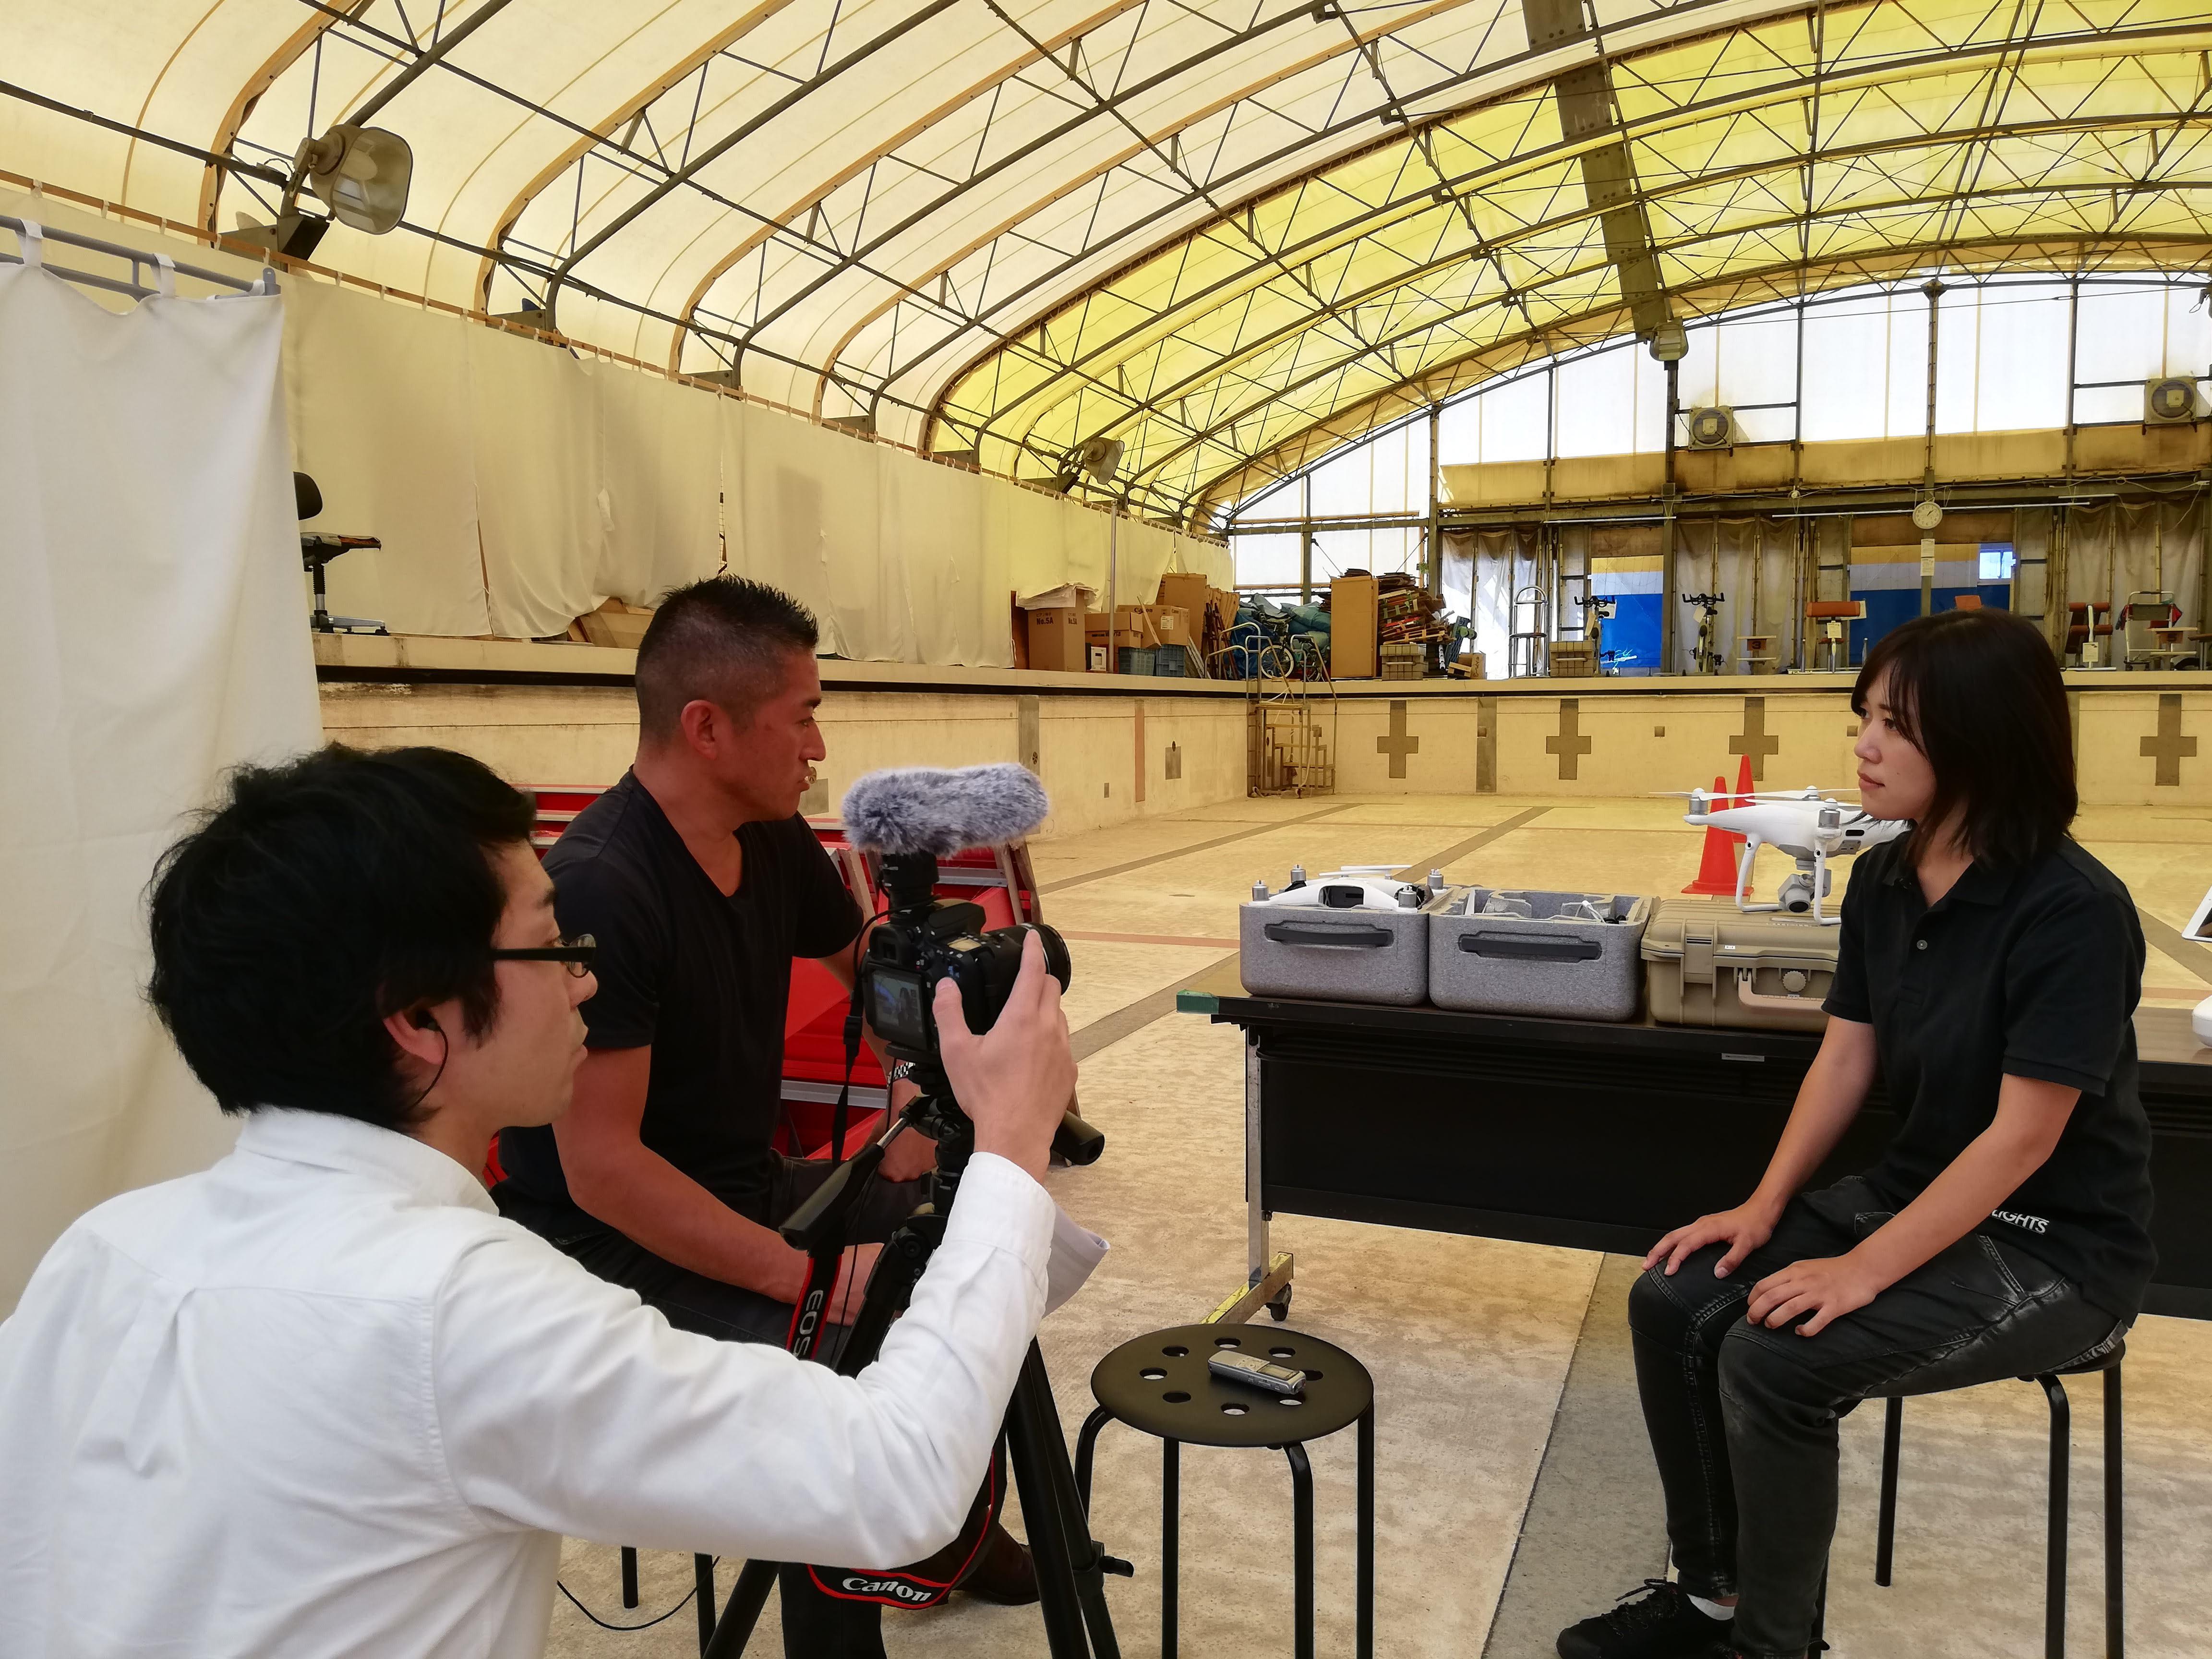 弊社ドローンパイロット堀内が、匠の一人としてGrateful Japanで紹介されました!